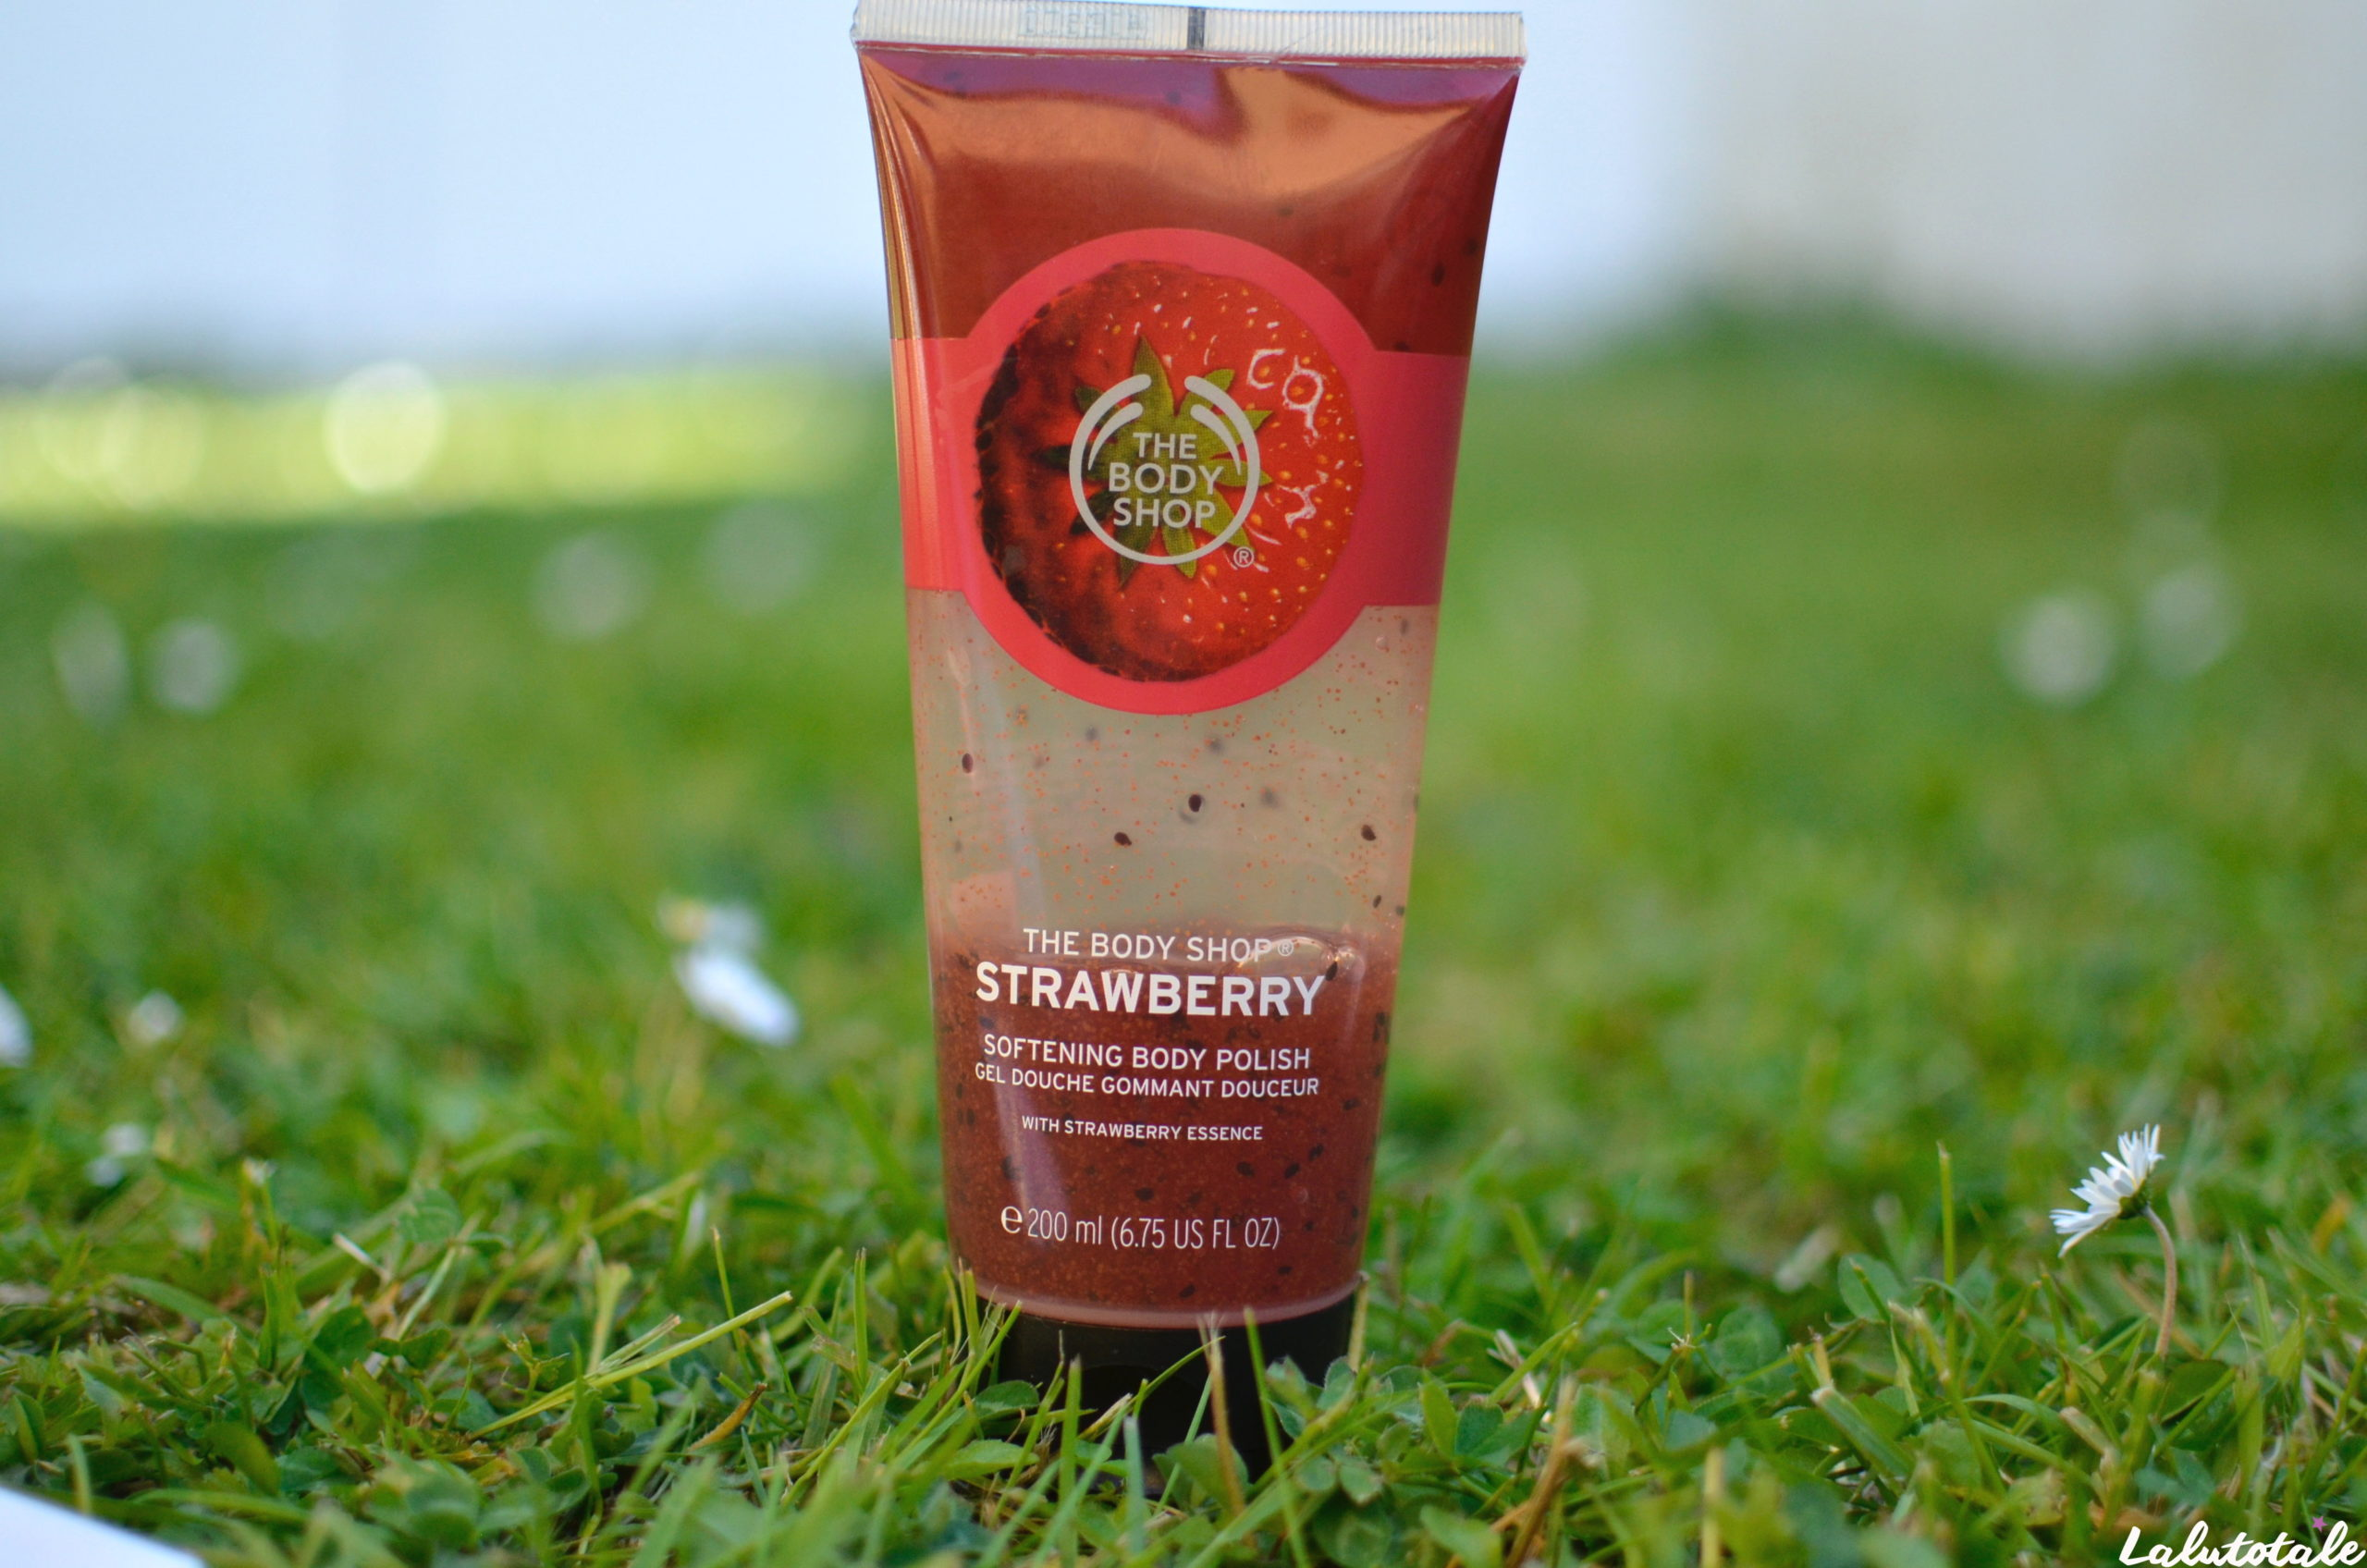 (THE BODY SHOP) Sous ma douche, le gommage ramène sa fraise 🍓.